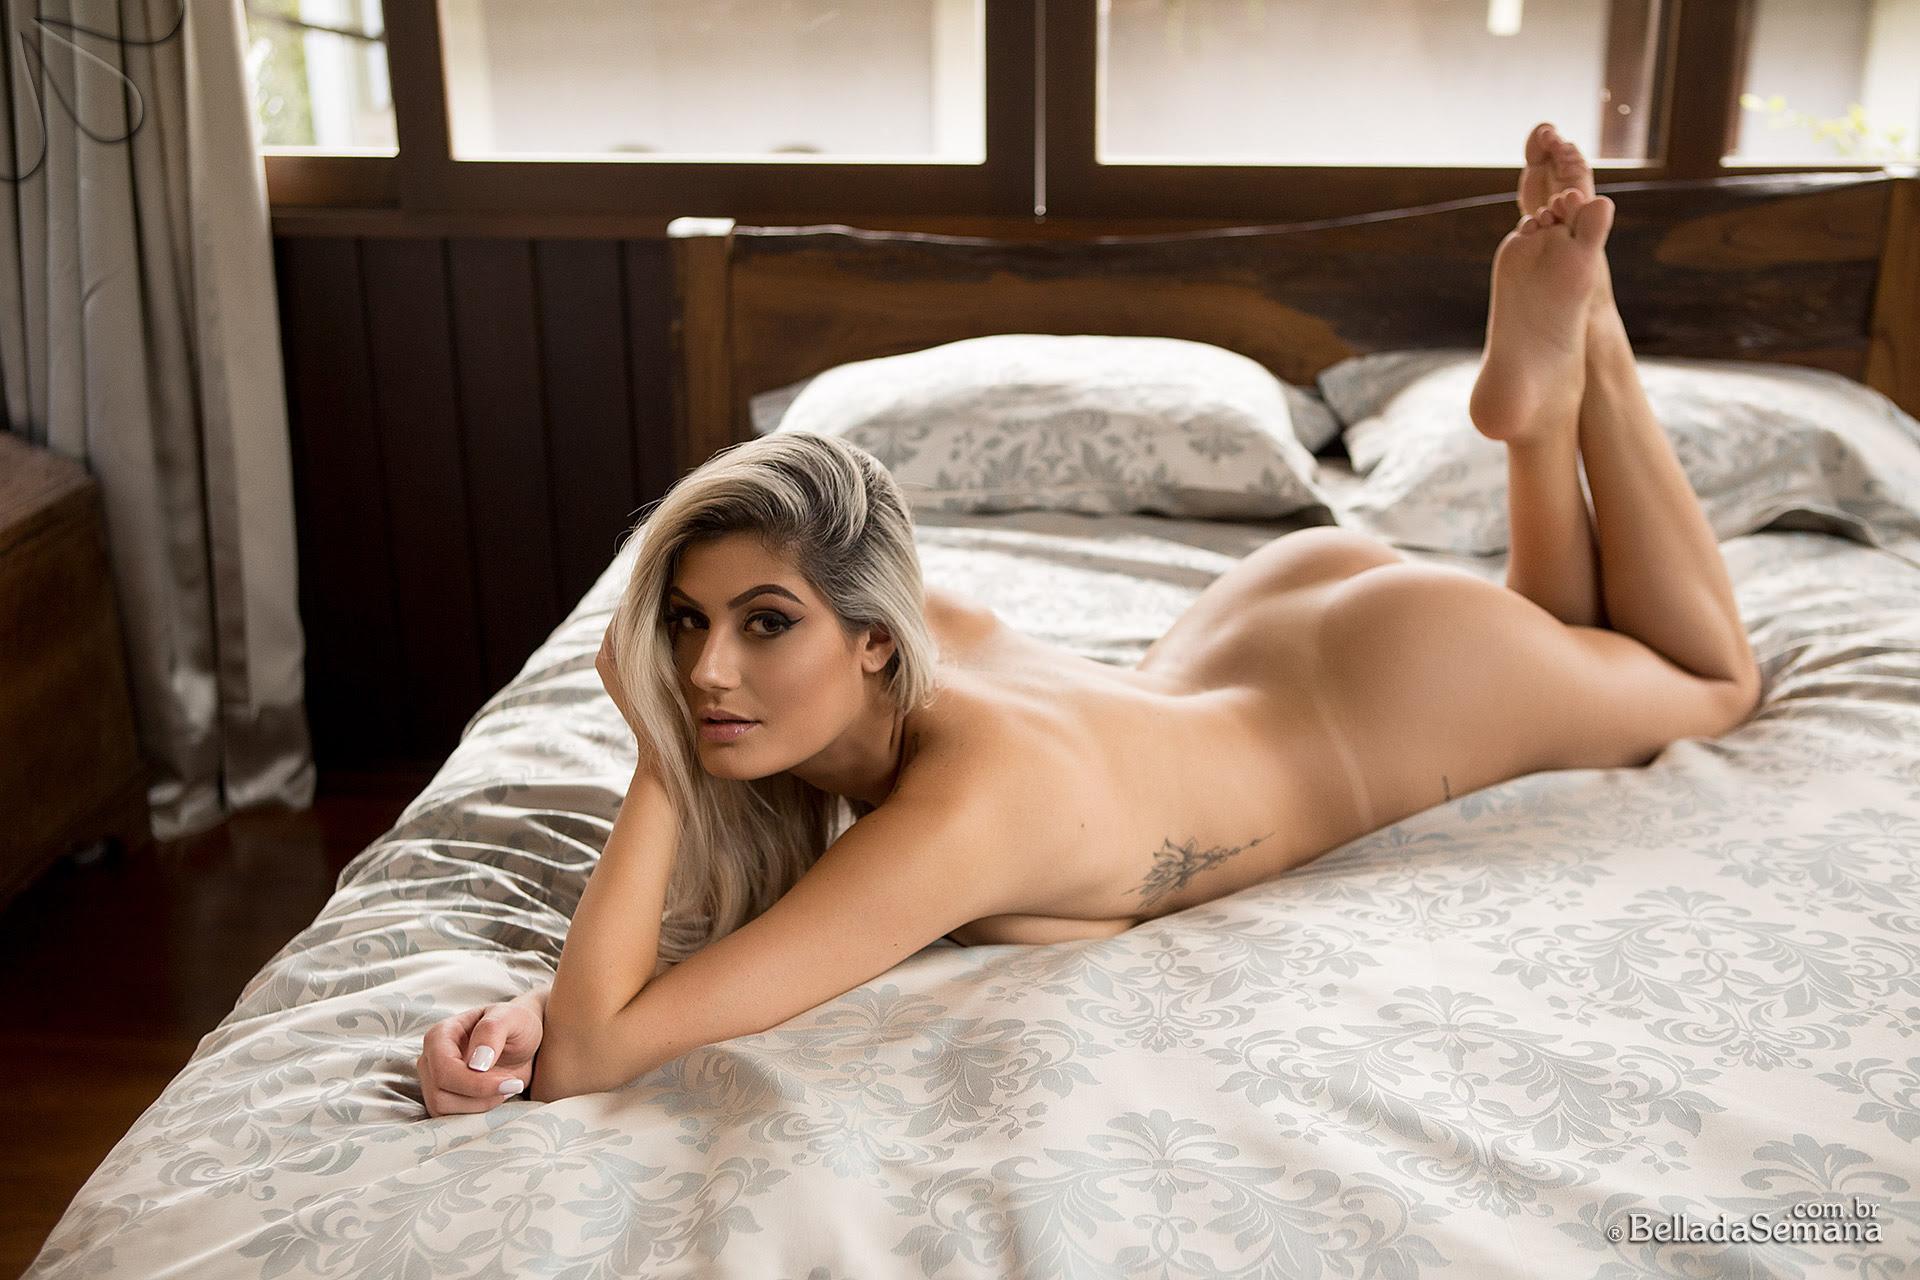 Fernanda Cardoso no Bella da Semana part II